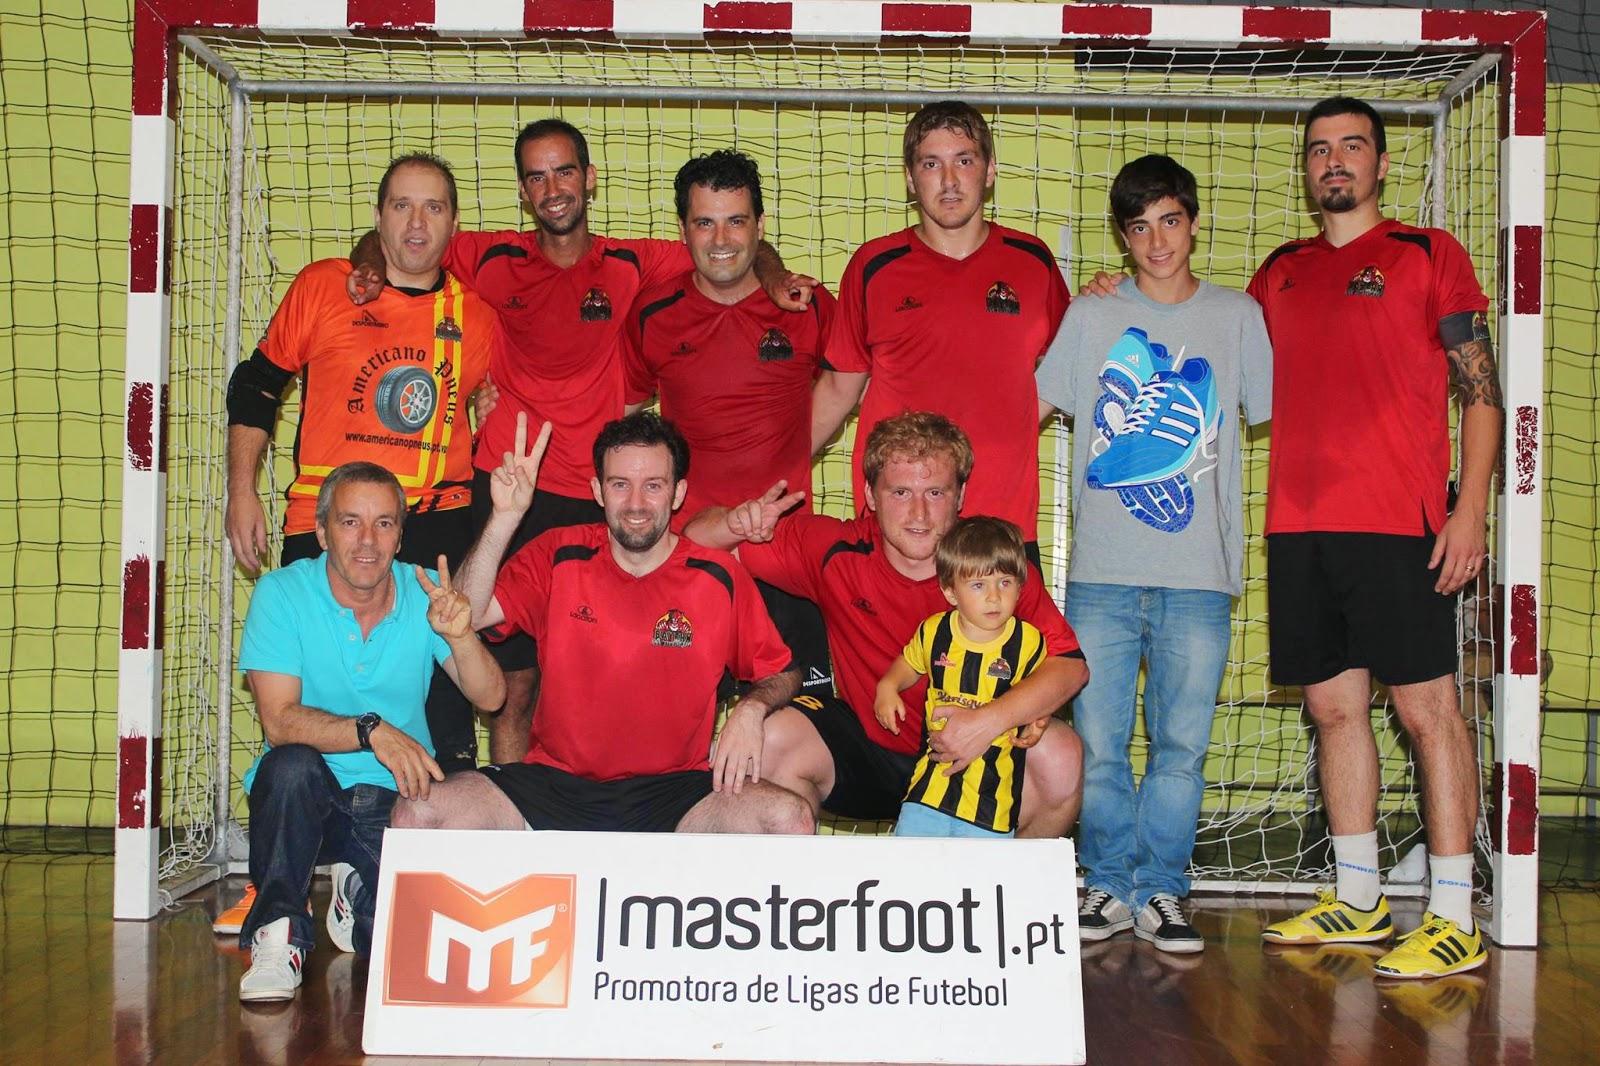 CAMPEÃO da 2ª Super Liga Mastefoot